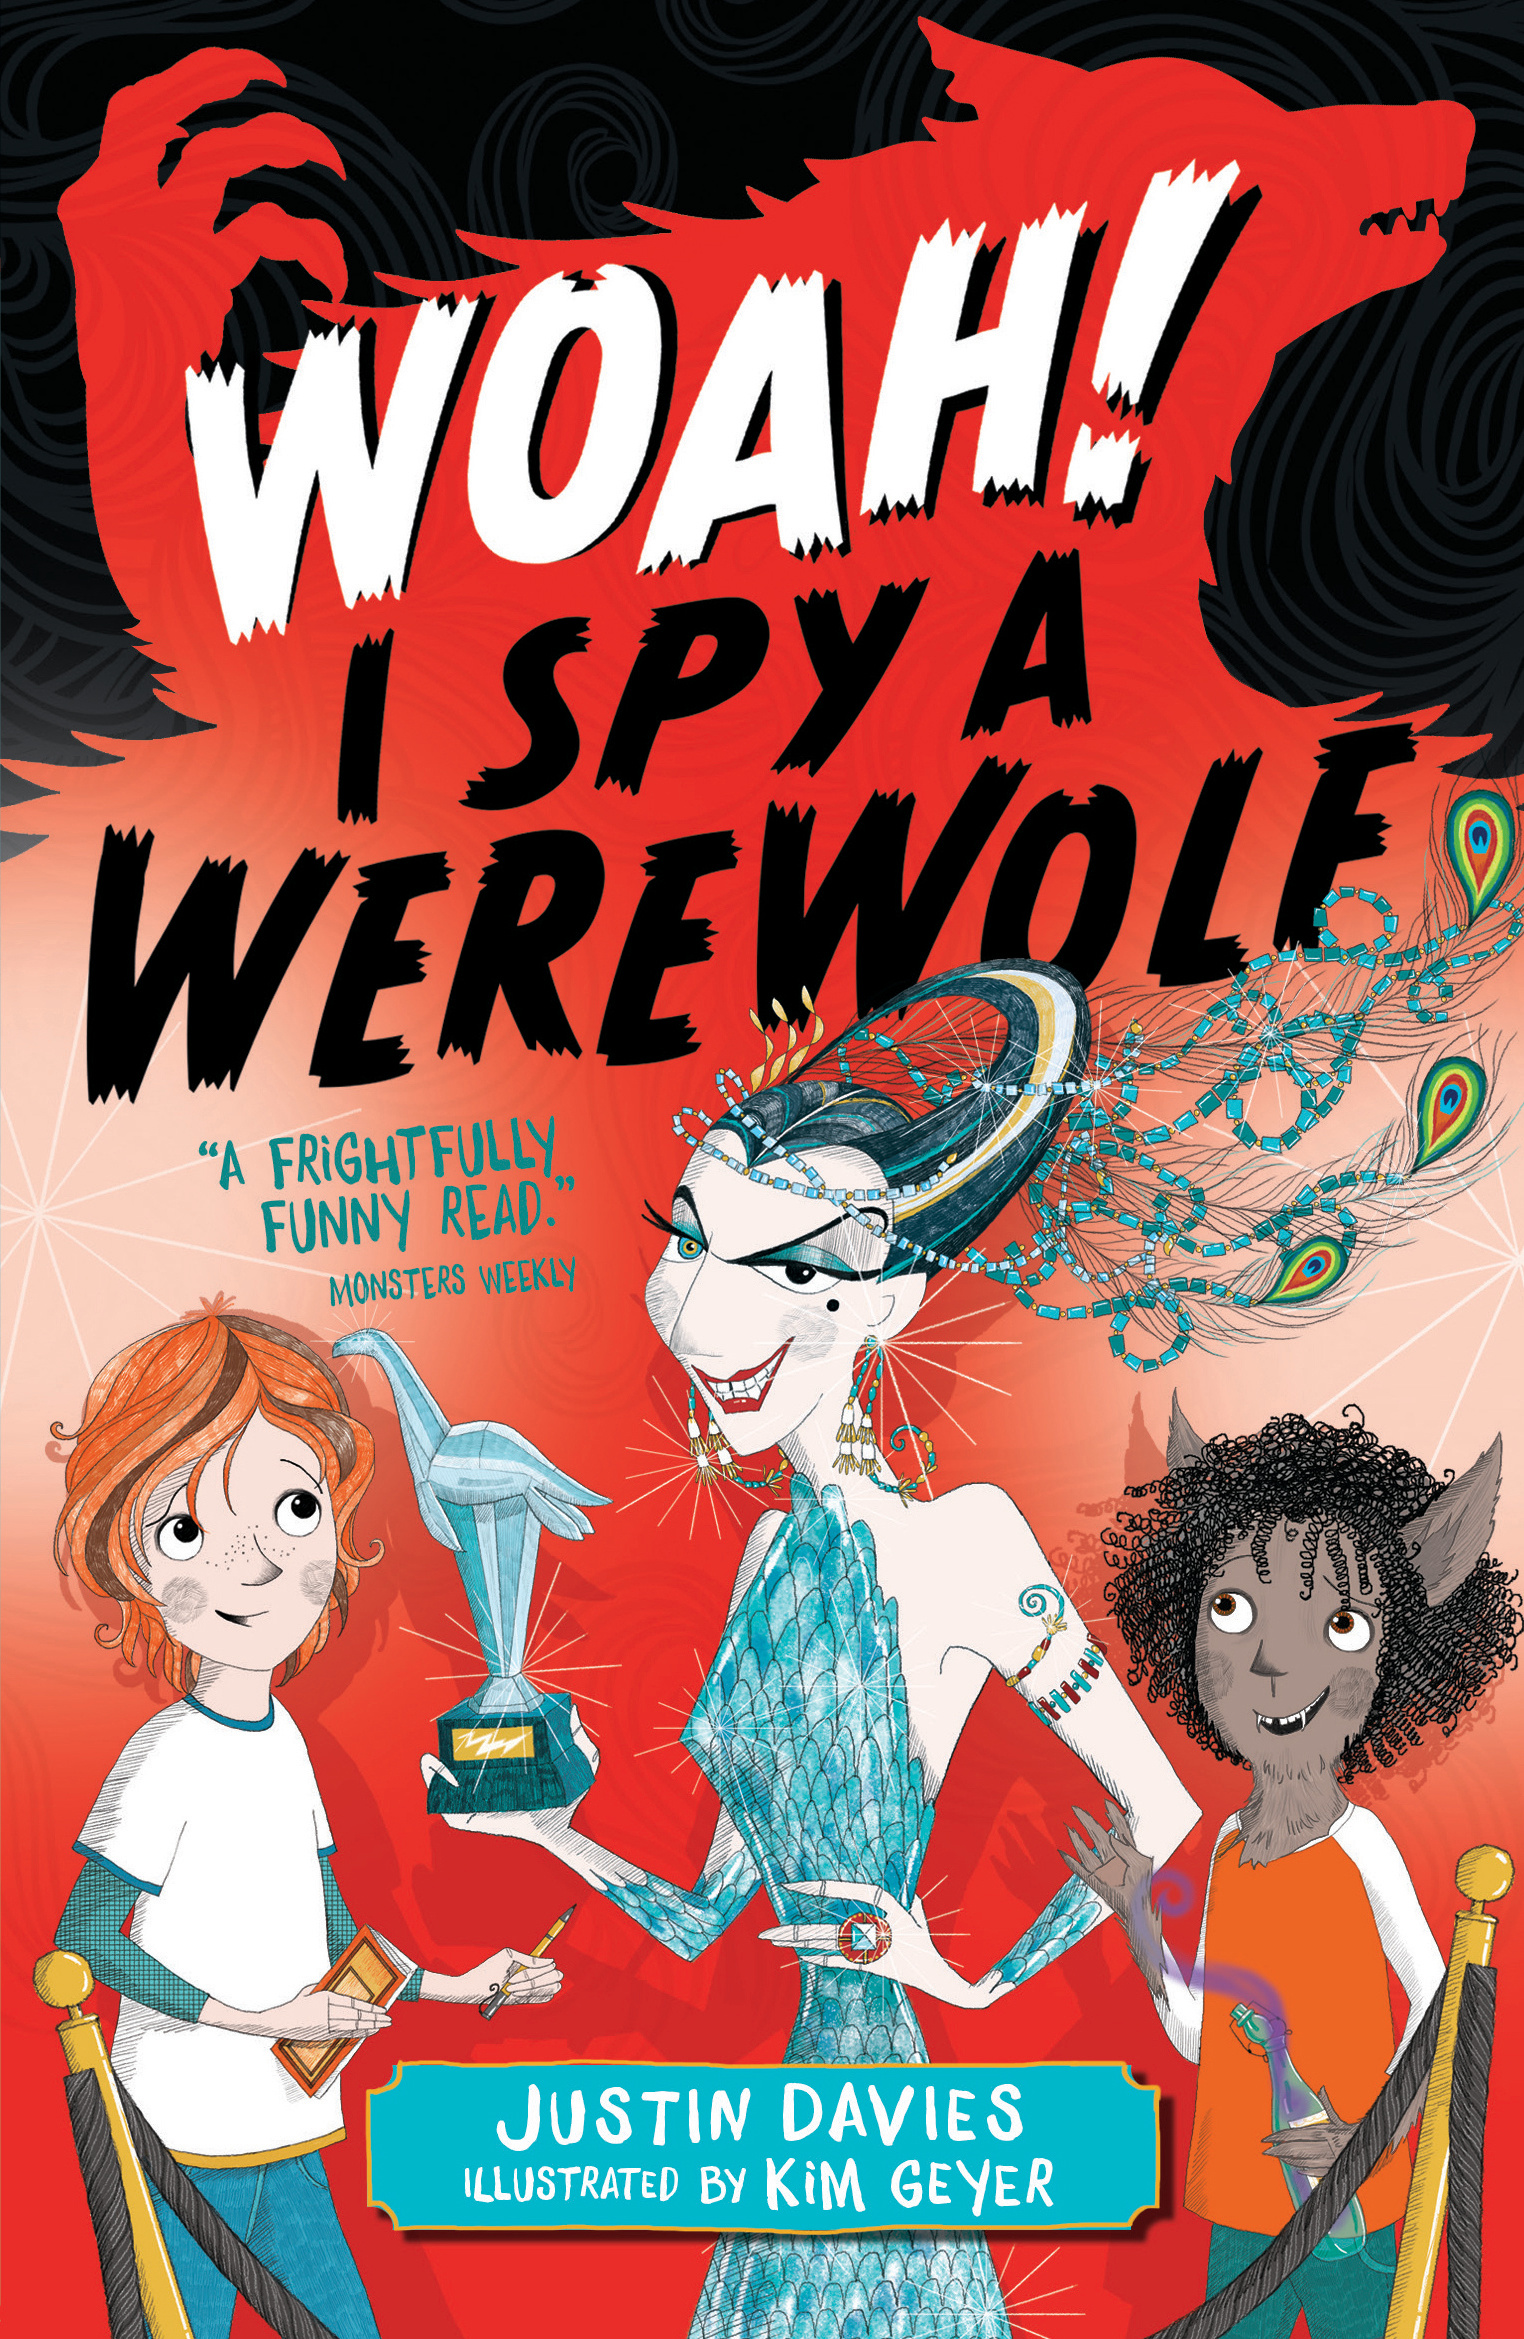 Whao! I Spy a Werewolf | Justin Davies and Kim Geyer